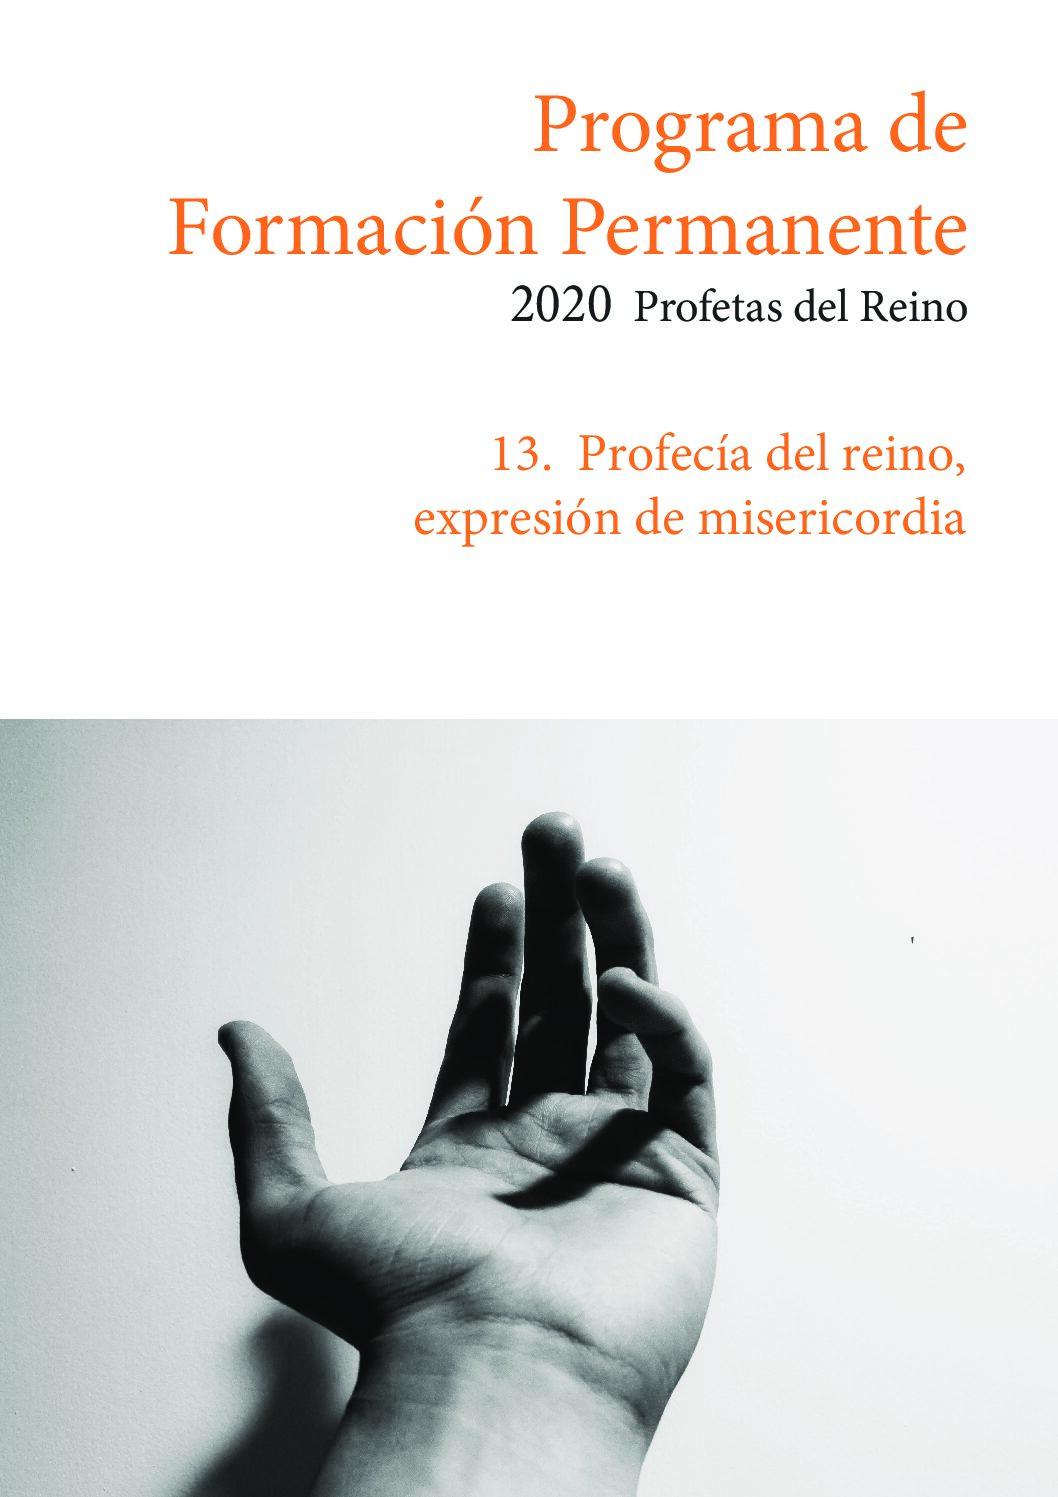 13.-Profecia-del-reino-pdf[1]